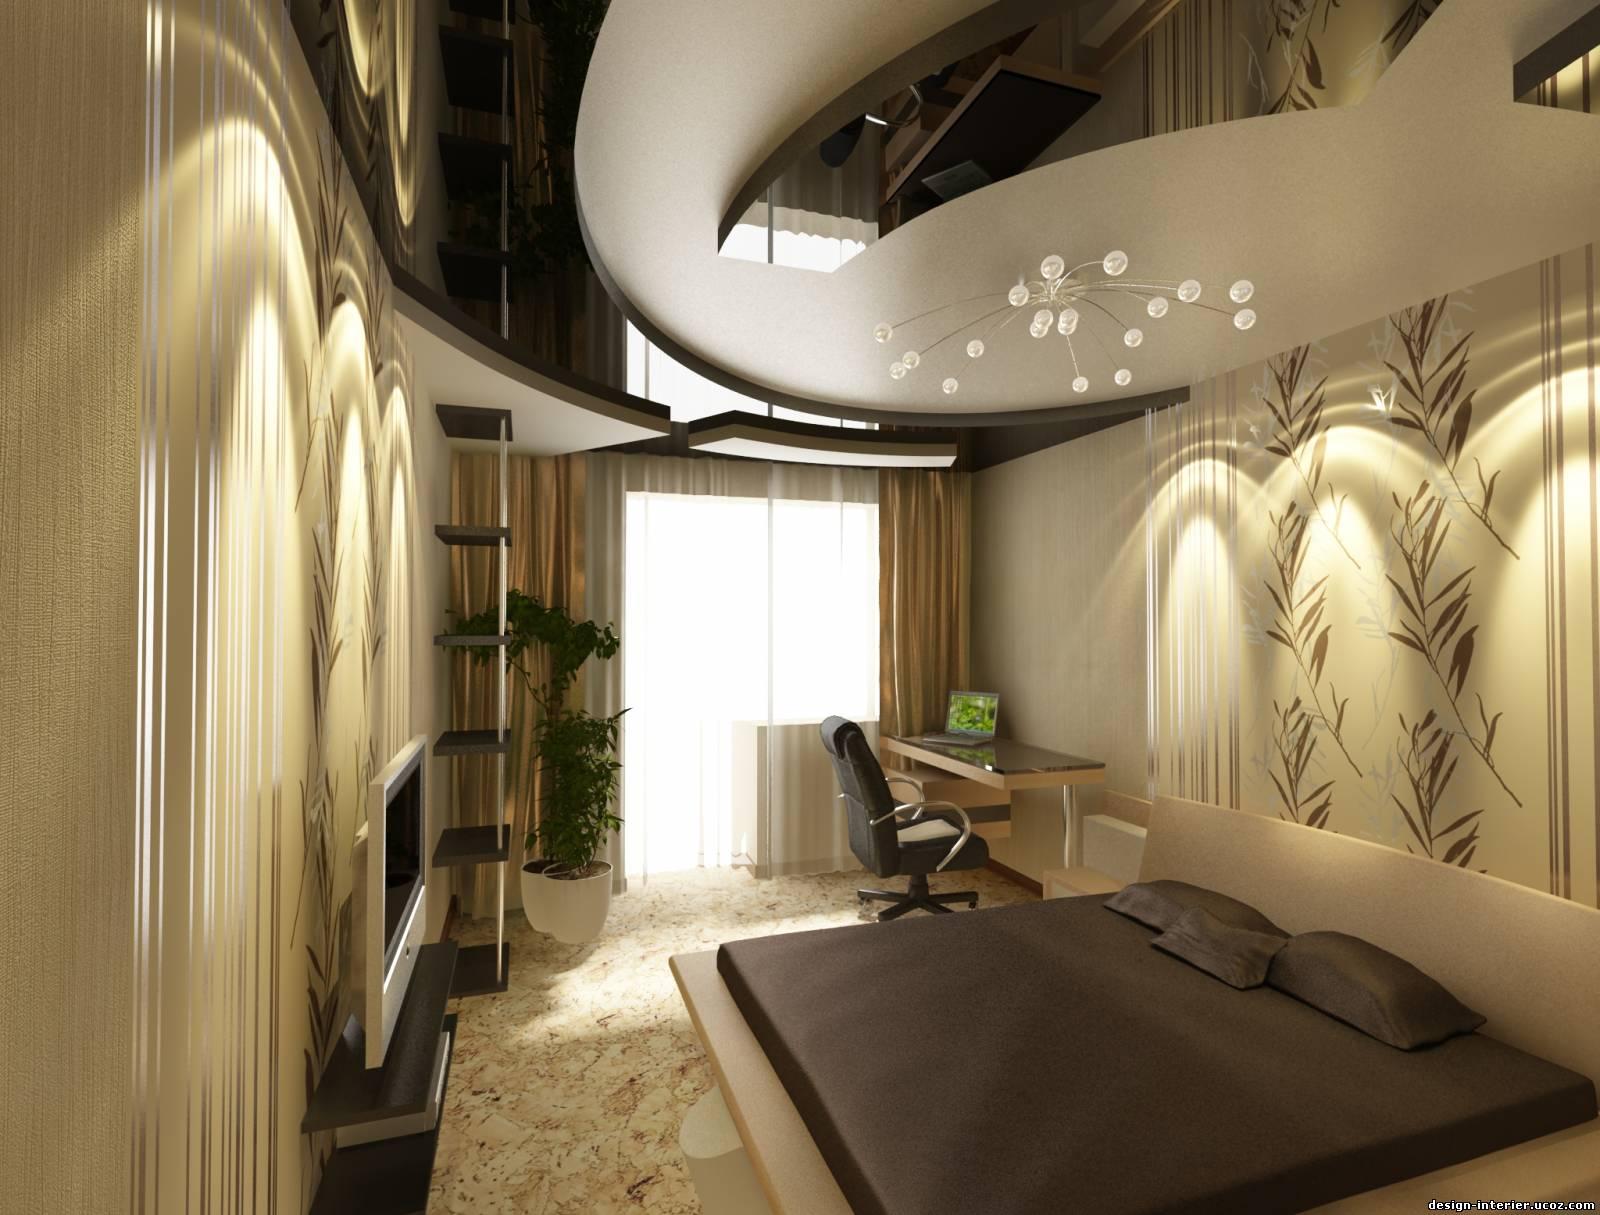 Оригинальный дизайн: гипсокартонные потолки многоуровневые